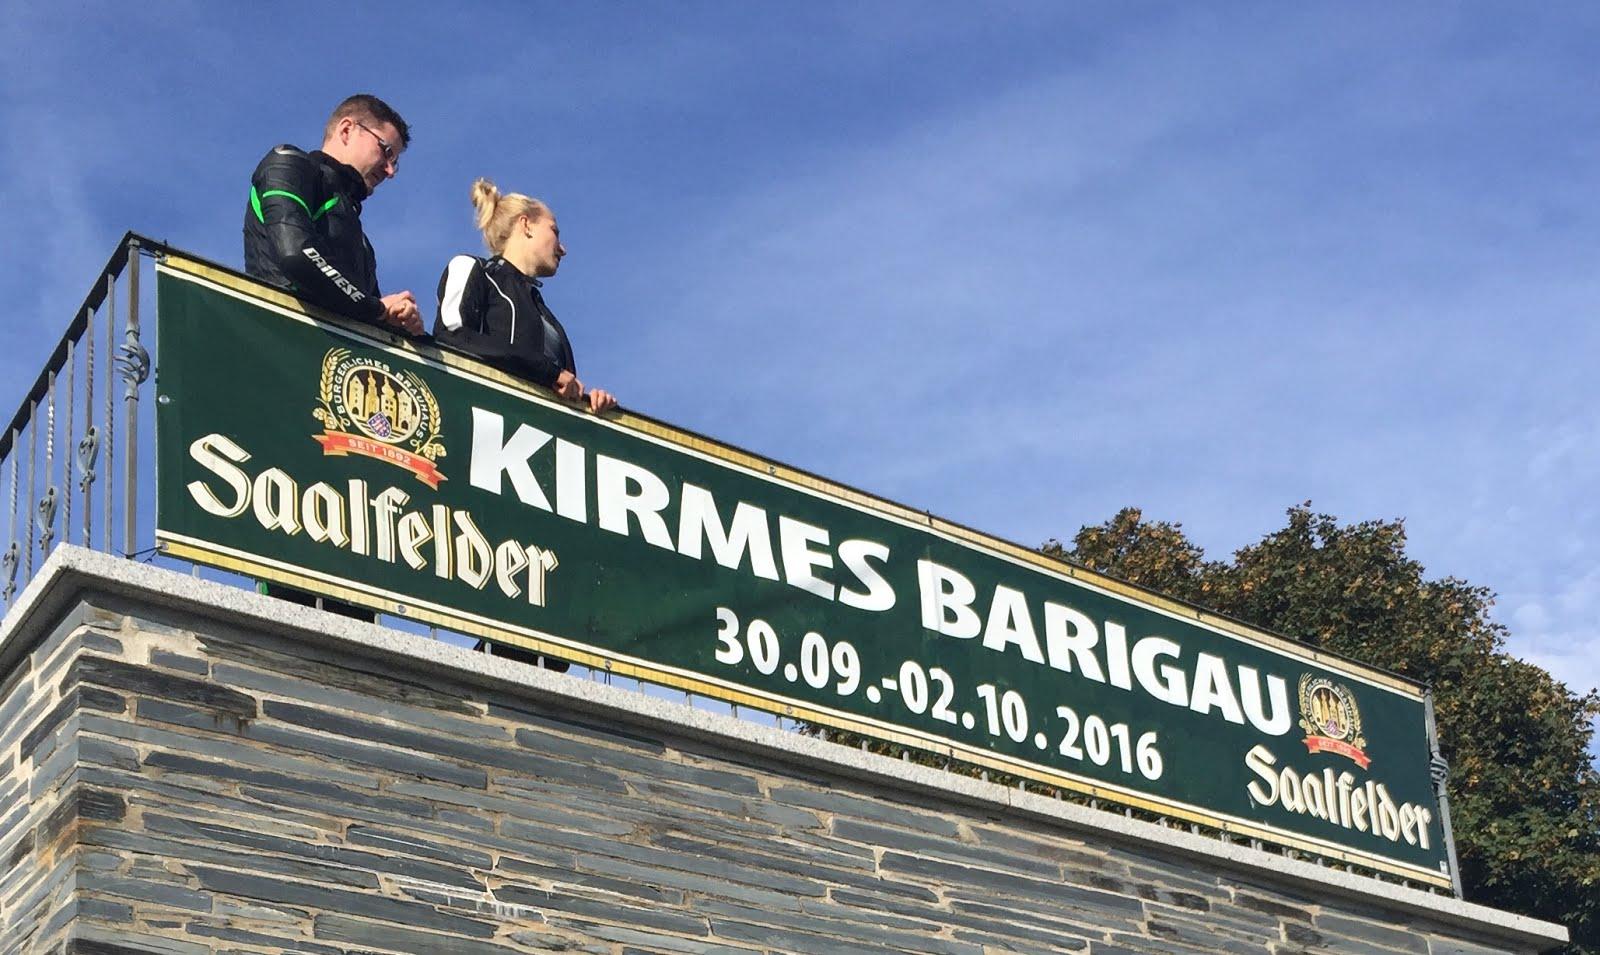 Kirmes in Barigau